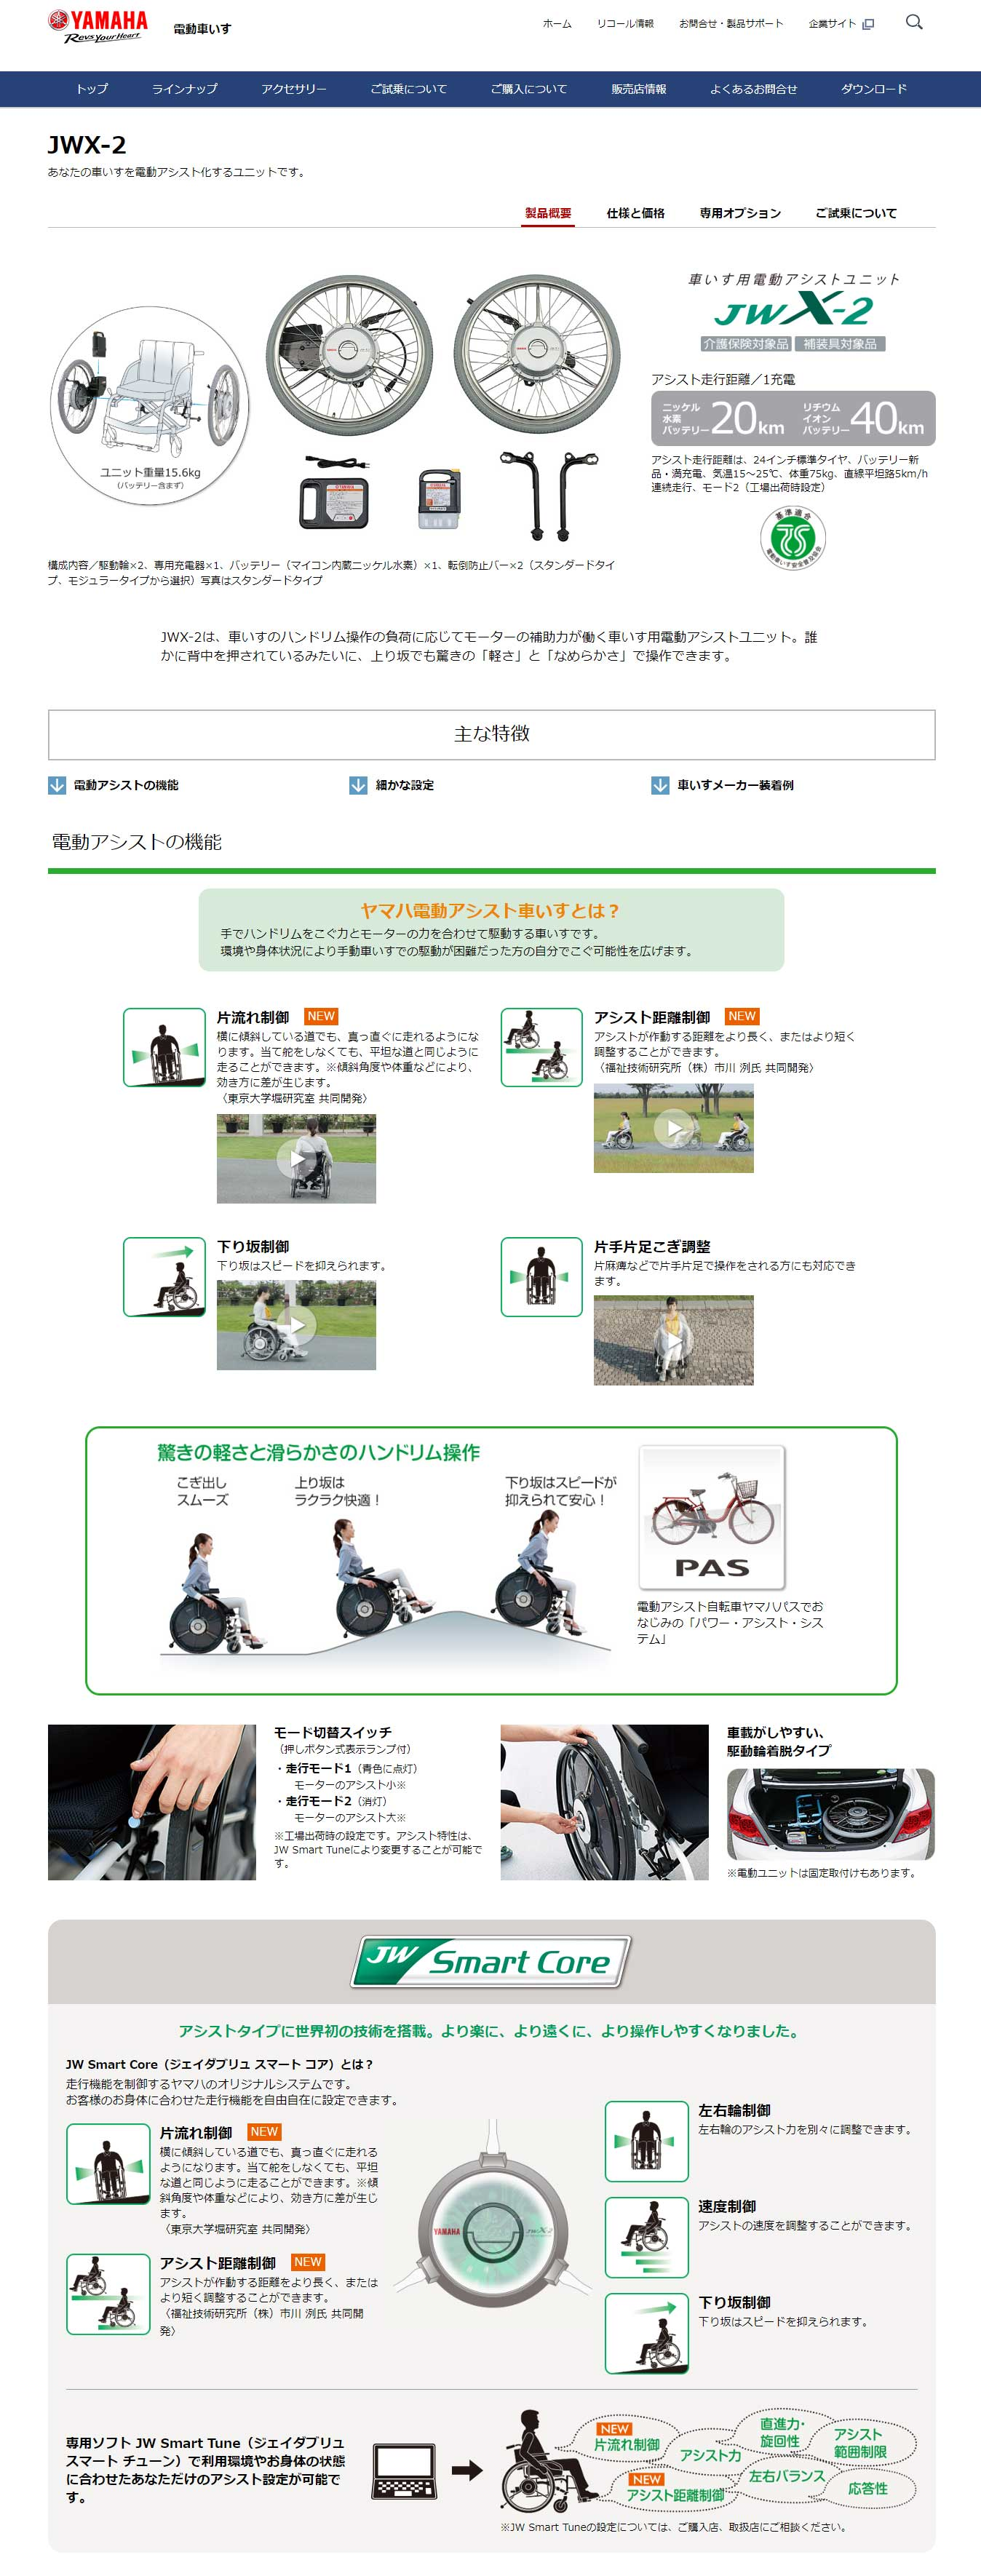 【福祉機器】手動車いす電動ユニット【アタッチメント編】JWX-2